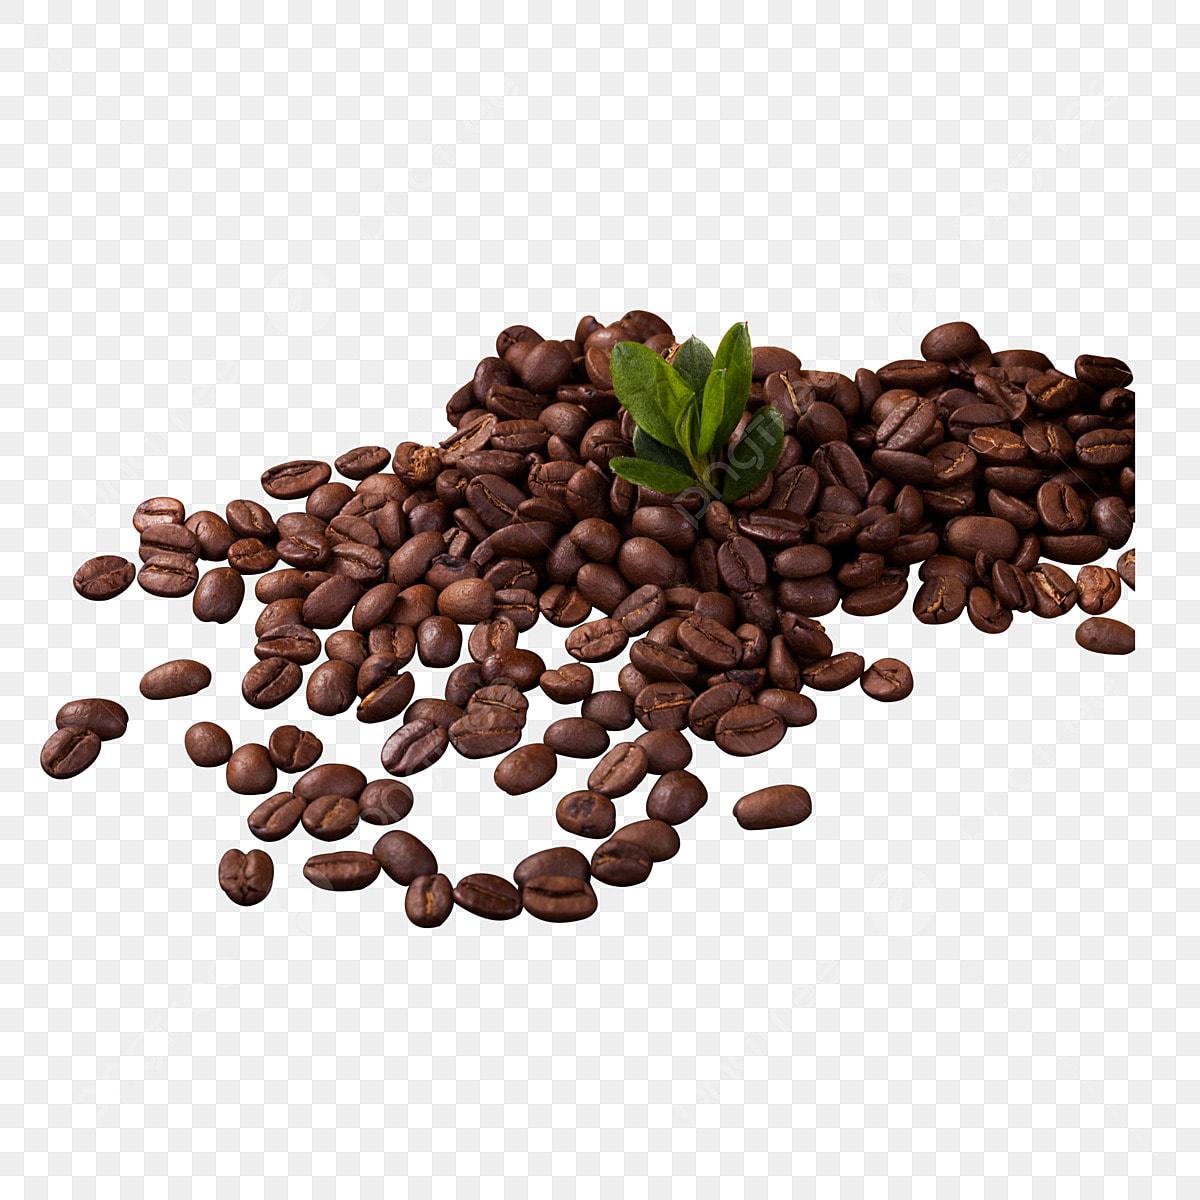 gambar sekumpulan biji kopi mentah kopi biji kopi kopi bahan kopi panas png dan psd untuk muat turun percuma https ms pngtree com freepng bunch of coffee raw coffee beans 4418656 html